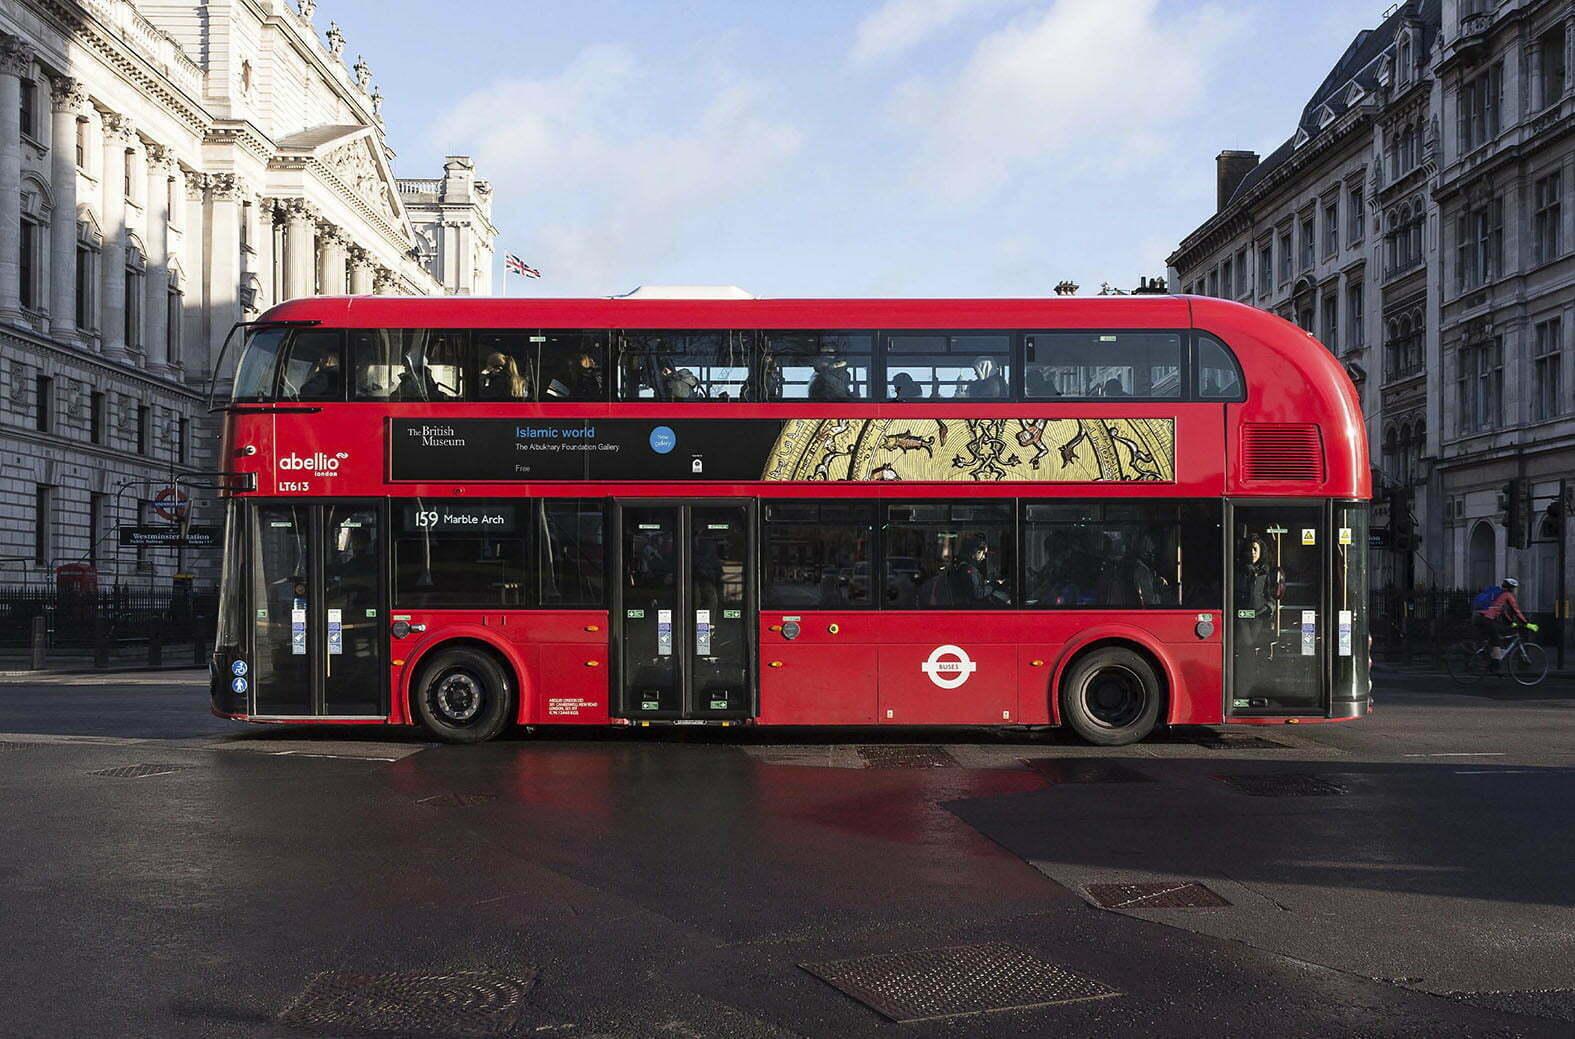 07_Lombaert_Studio_British_Museum_Poster_Design_09LR